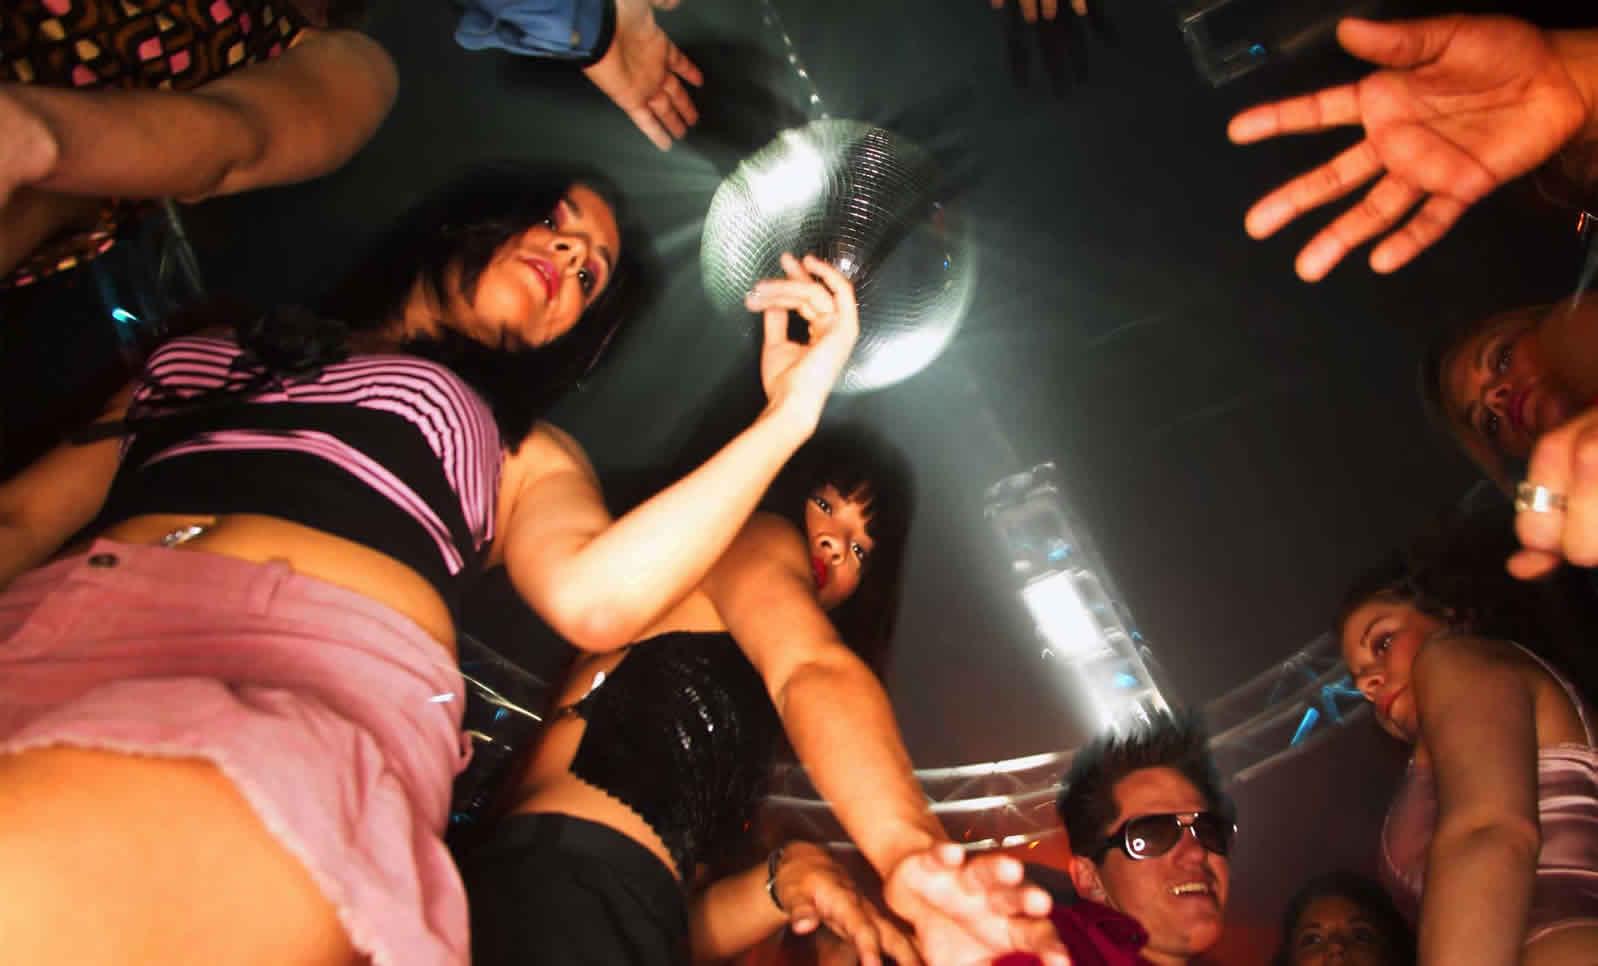 Секс на диско клуб 20 фотография